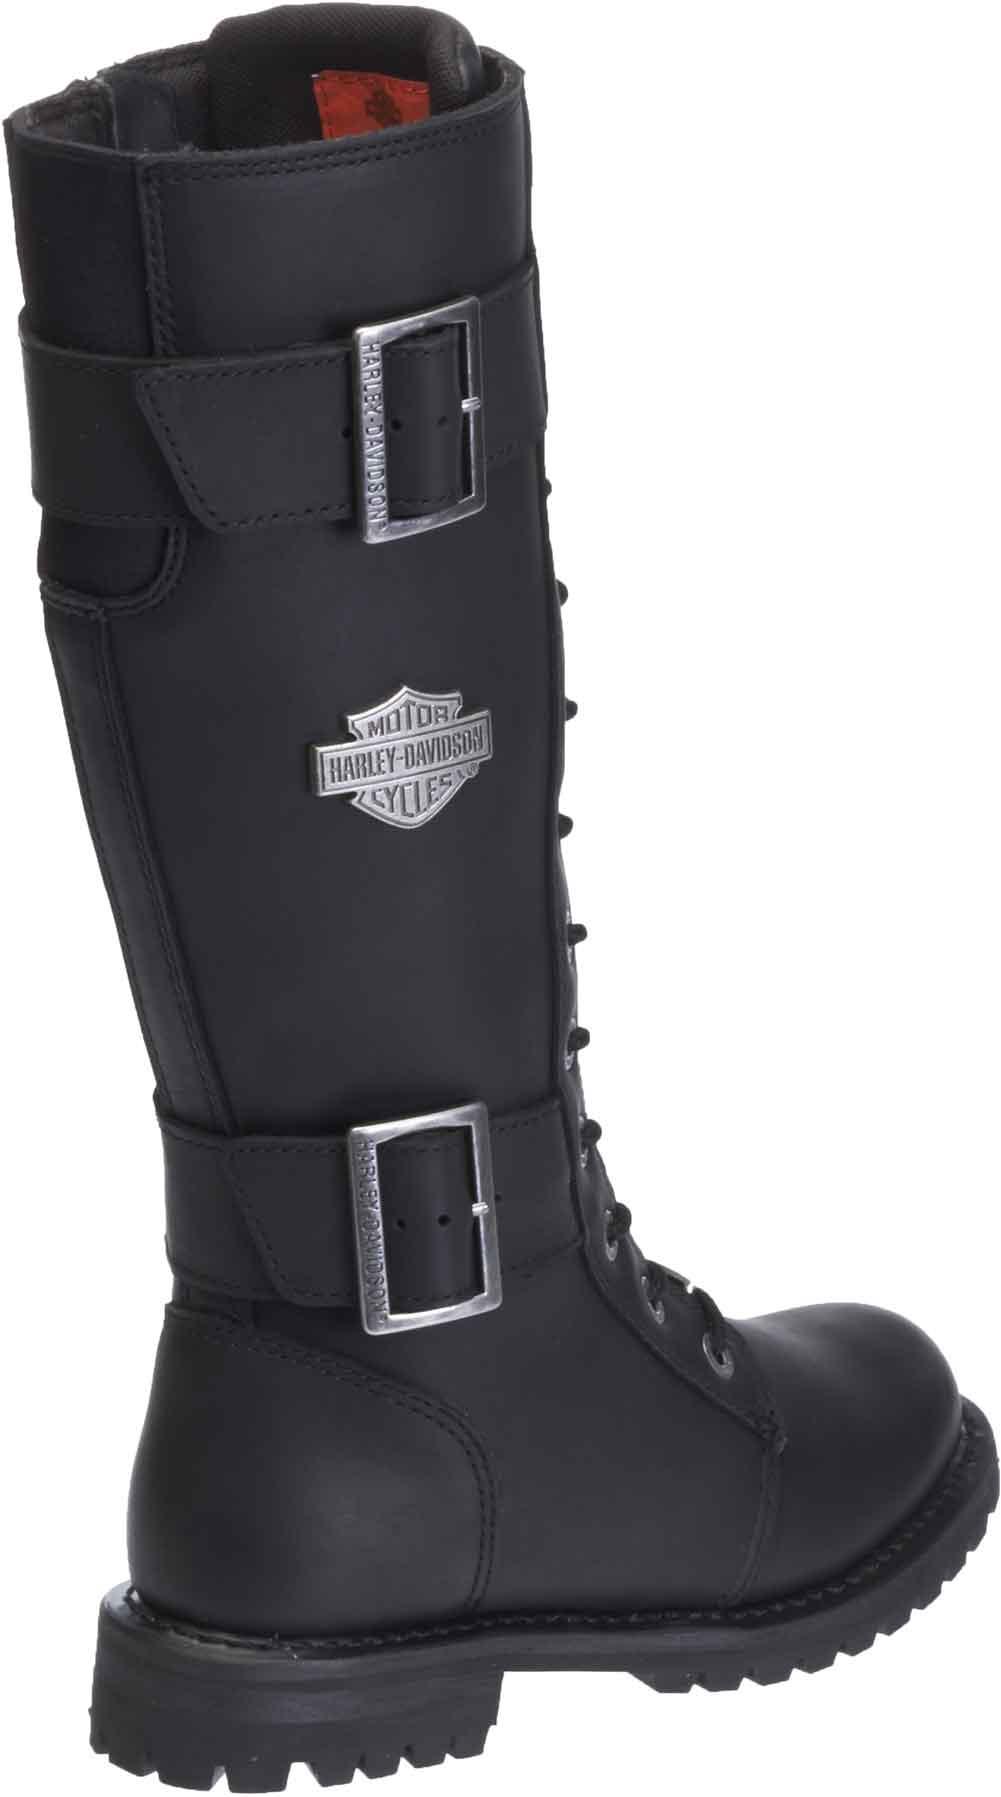 Harley-Davidson Womens Belhaven Knee-Hi Black or Brown Leather Boots D87082